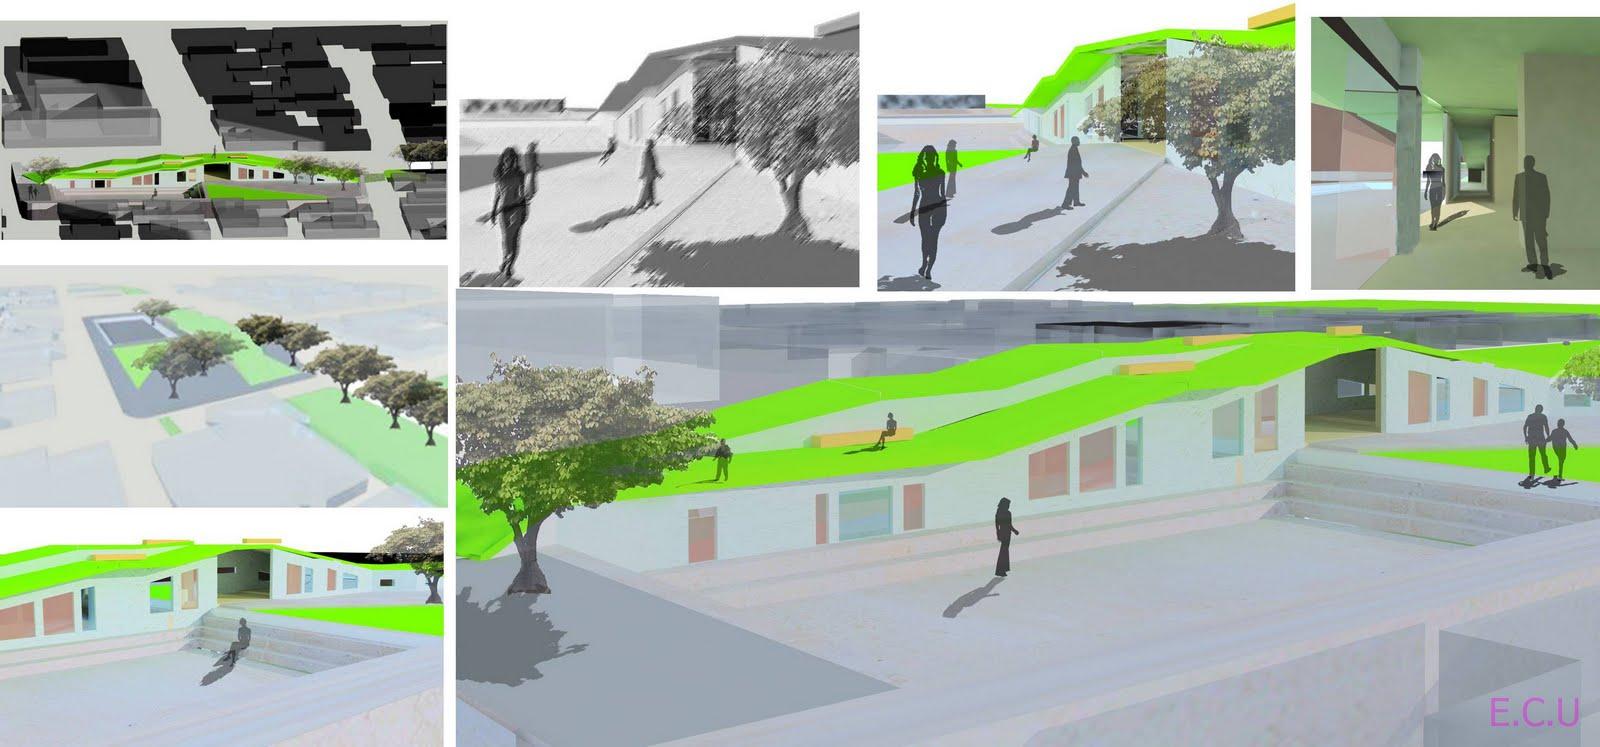 Portafolio arquitectura equipamiento comunitario urbano for Equipamiento urbano arquitectura pdf